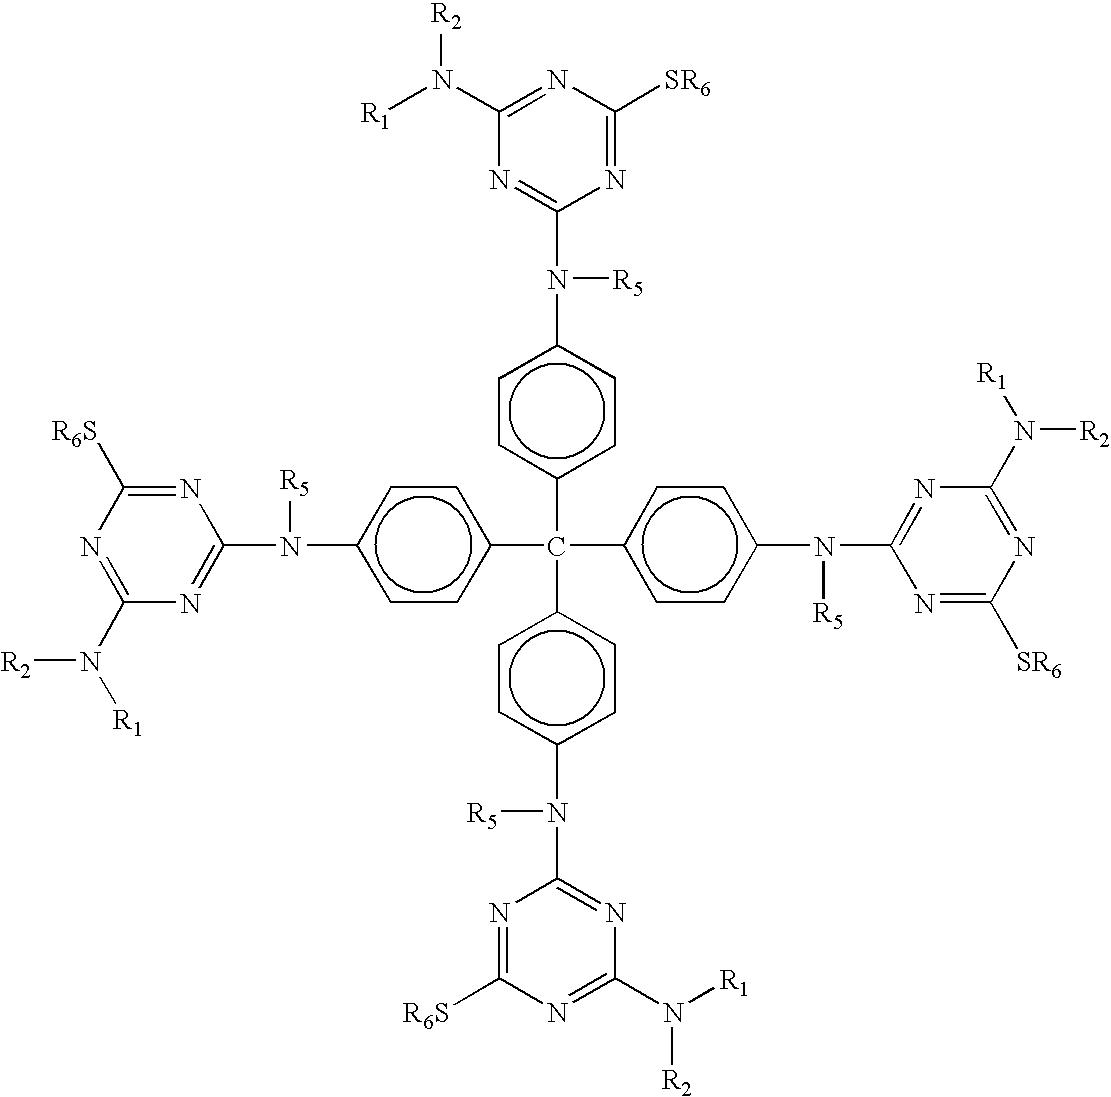 Figure US20040065227A1-20040408-C00072